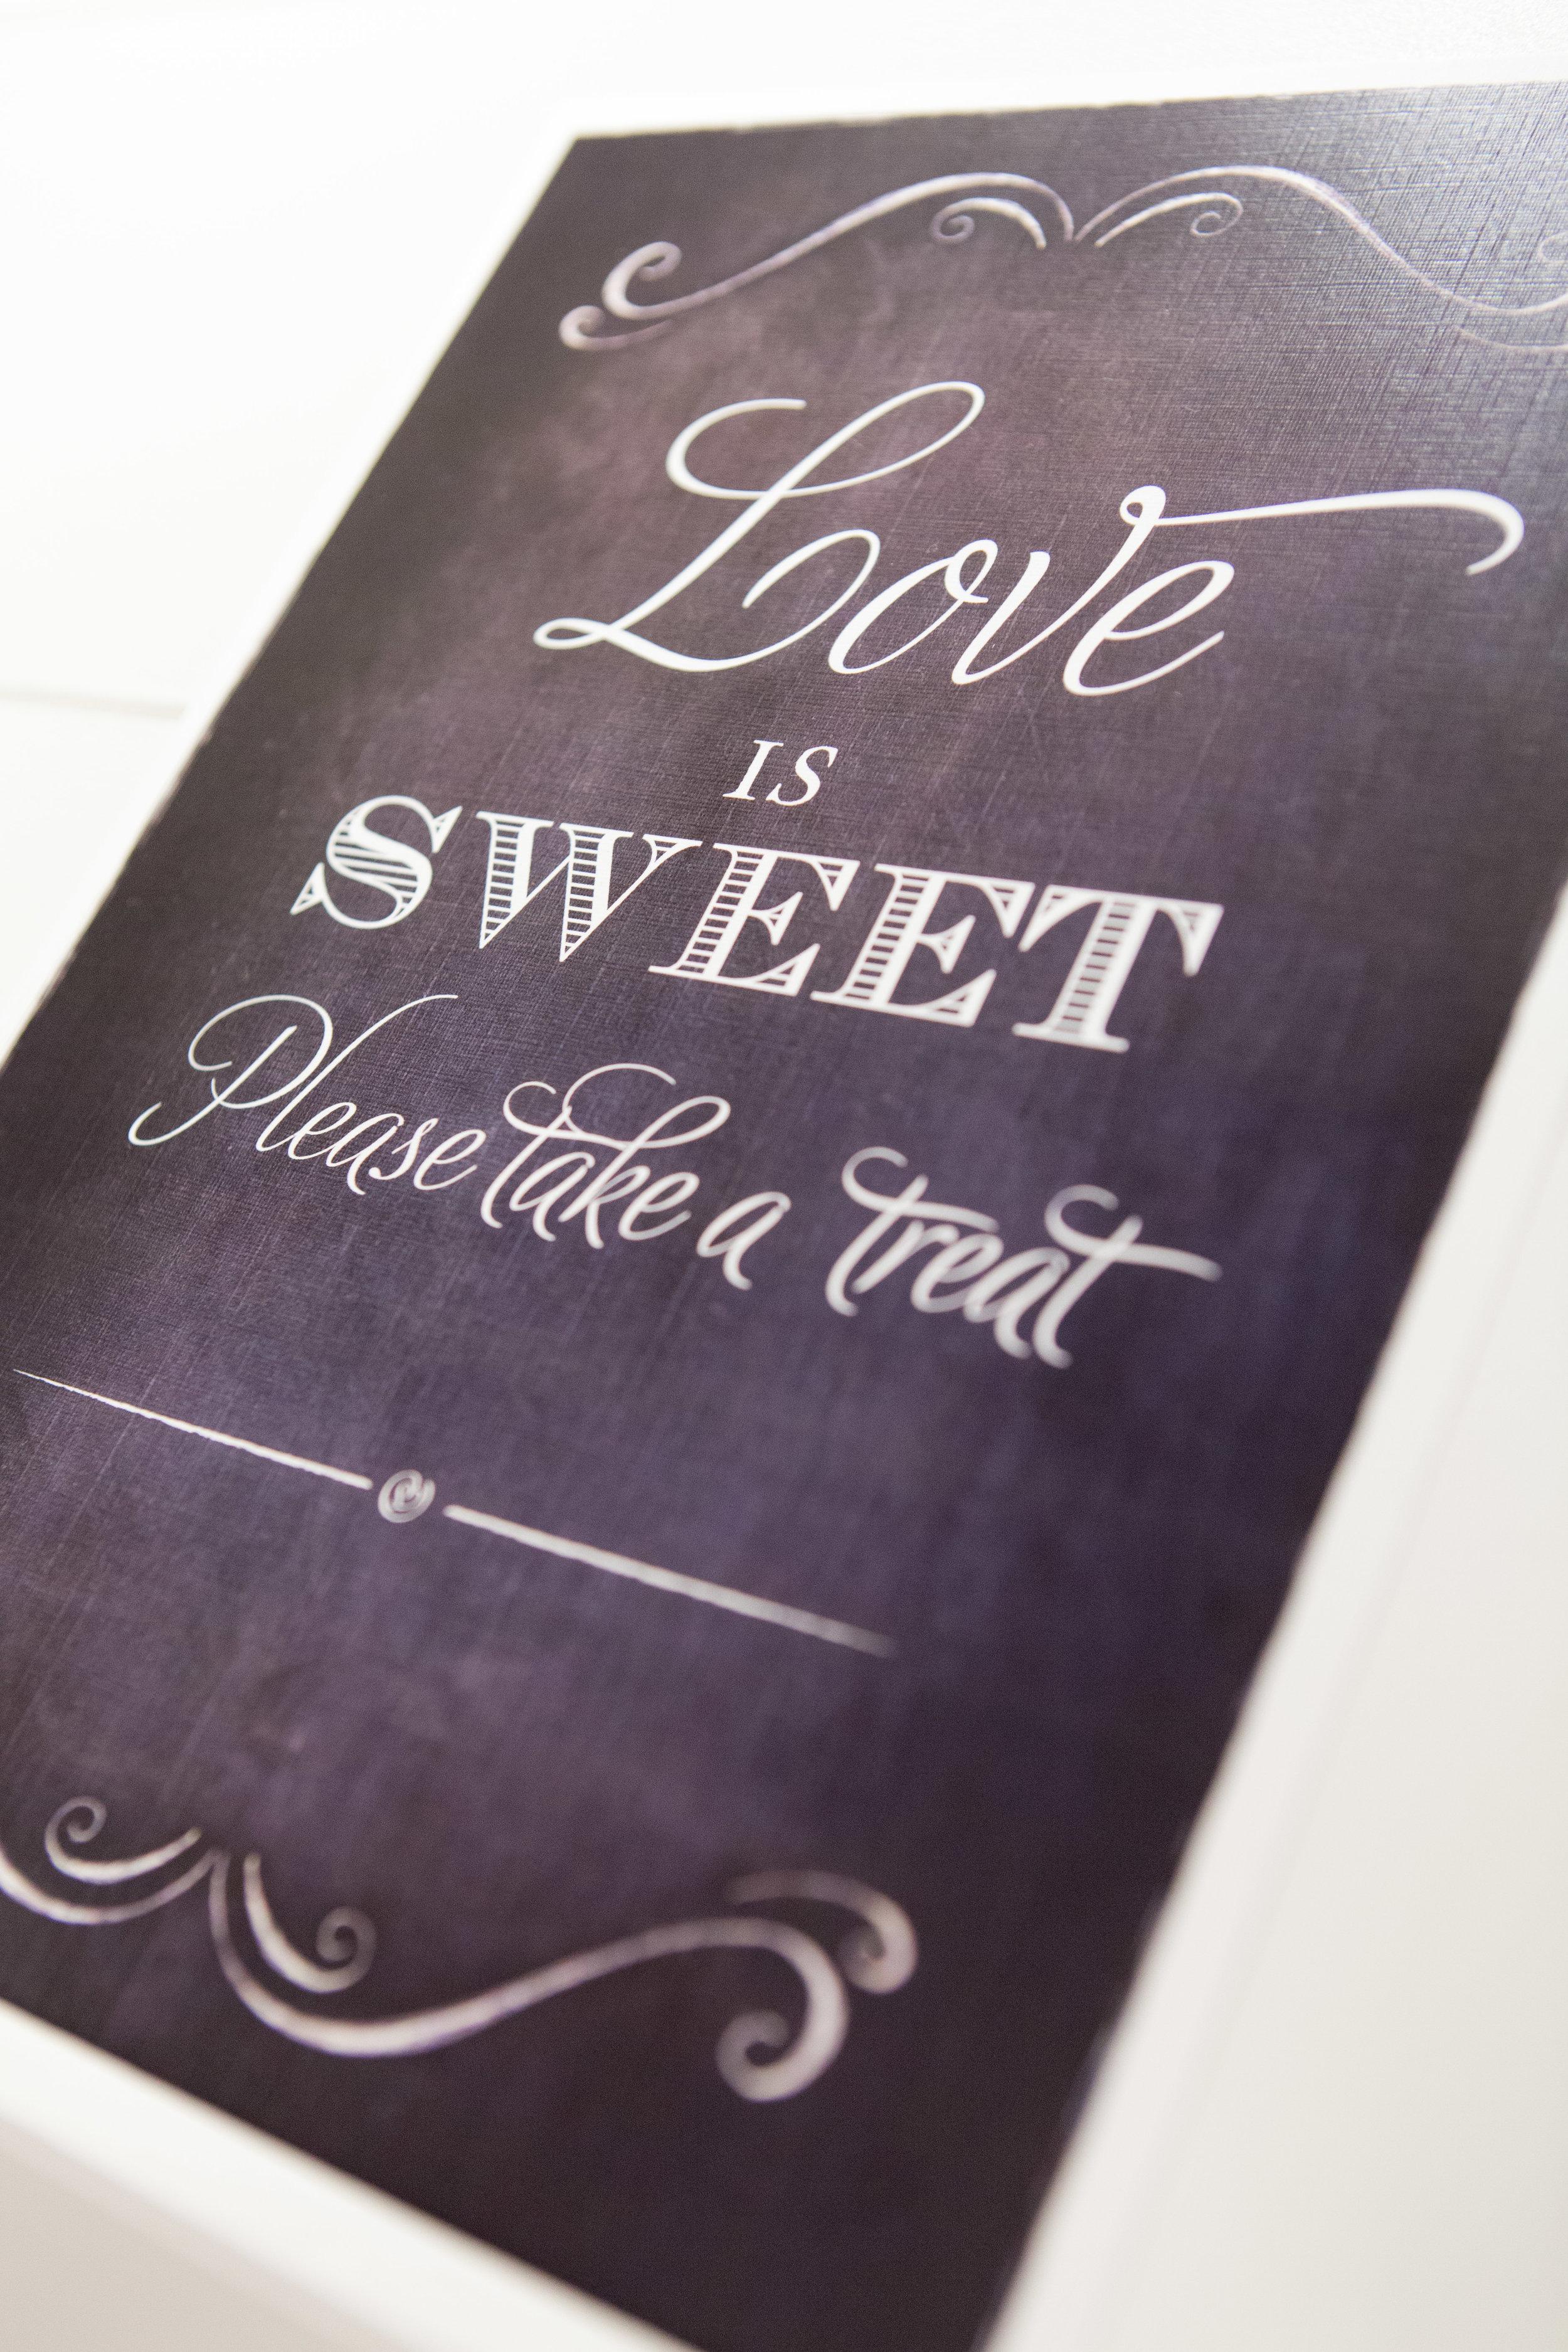 sweet_cart_sign.jpg